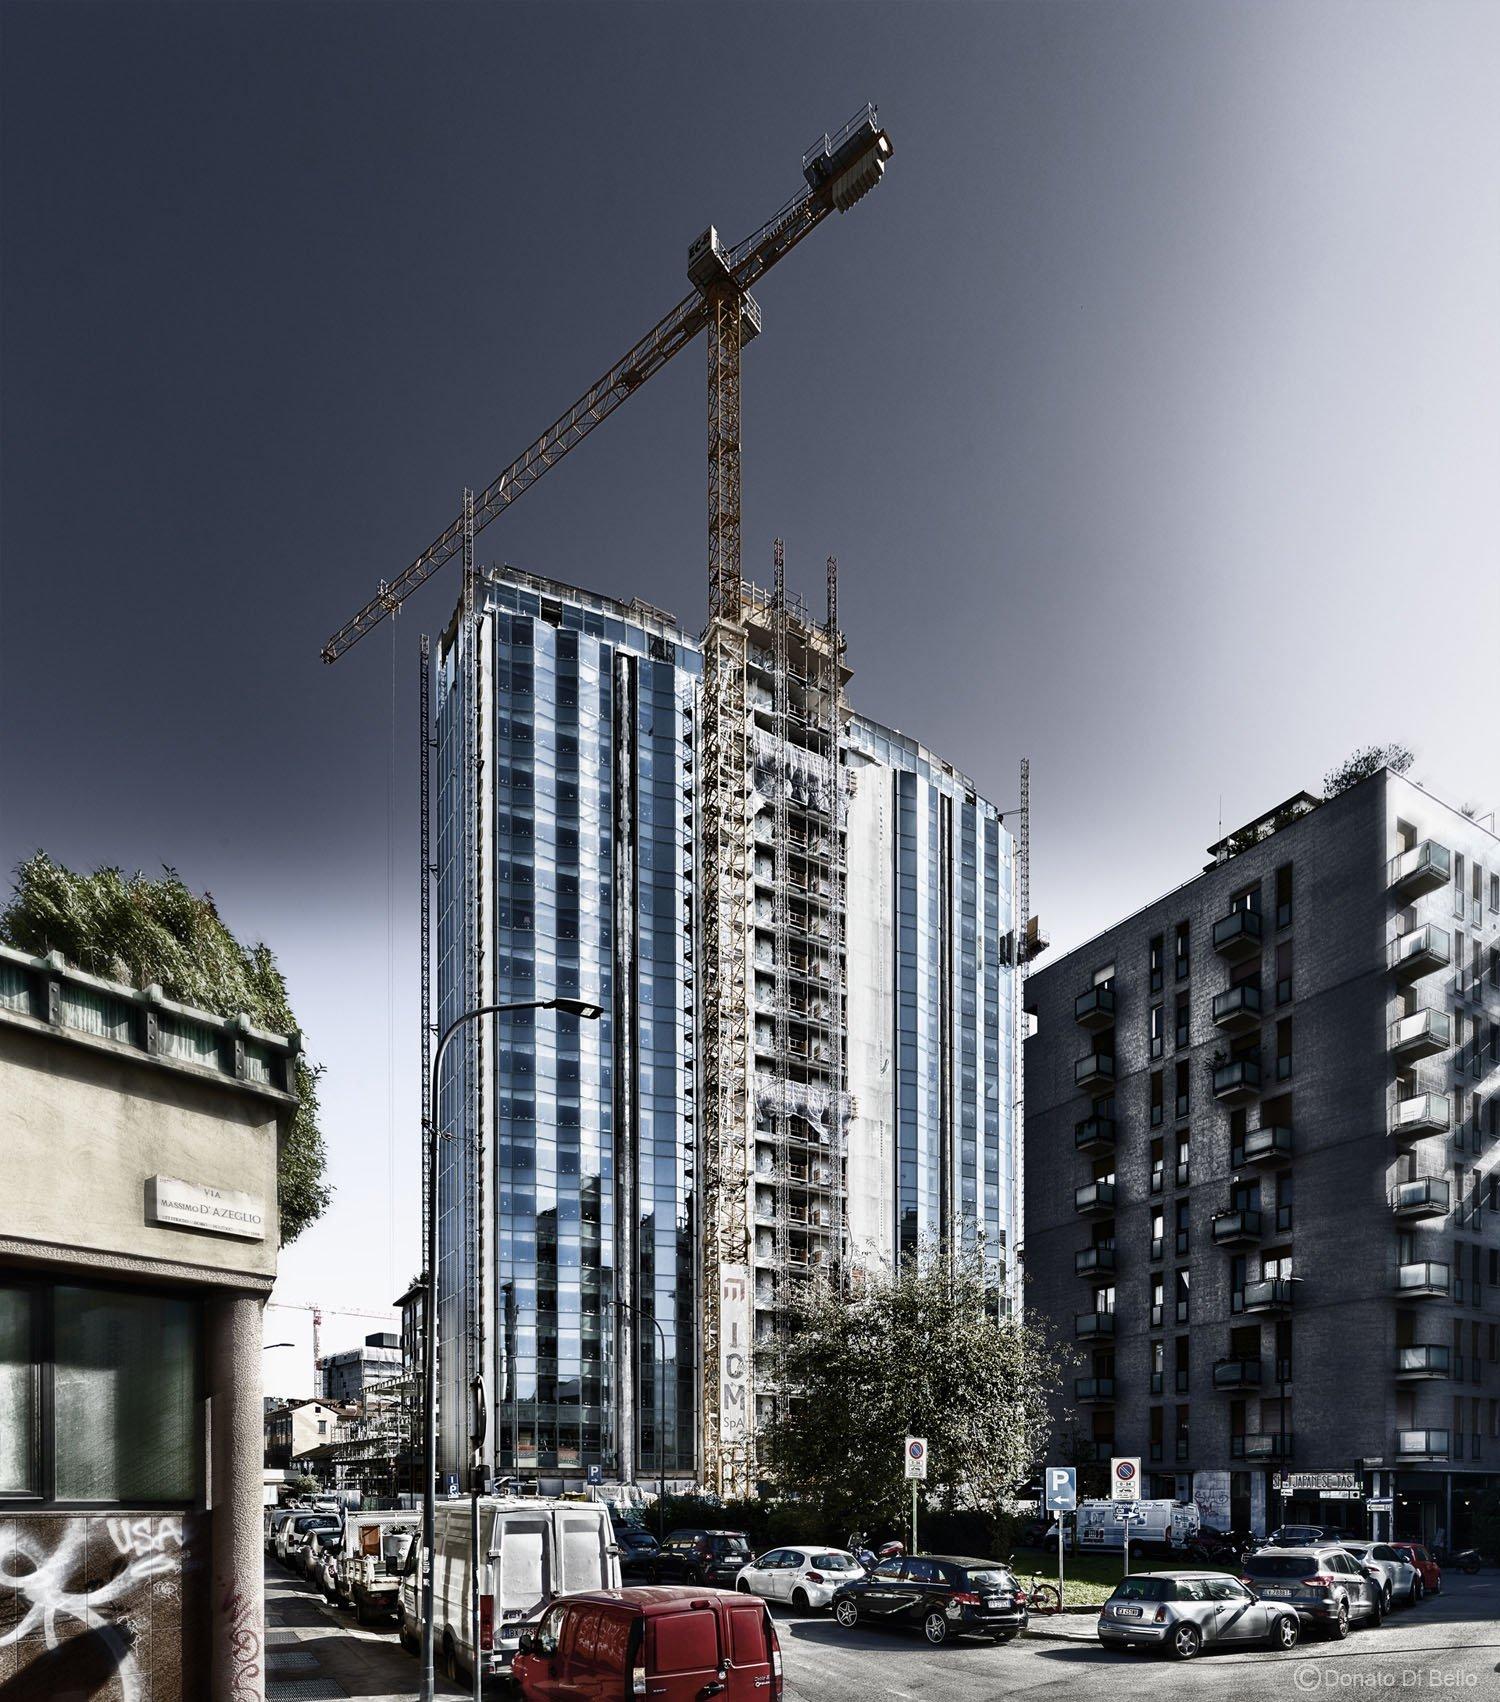 Foto di cantiere - Torre Donato Di Bello